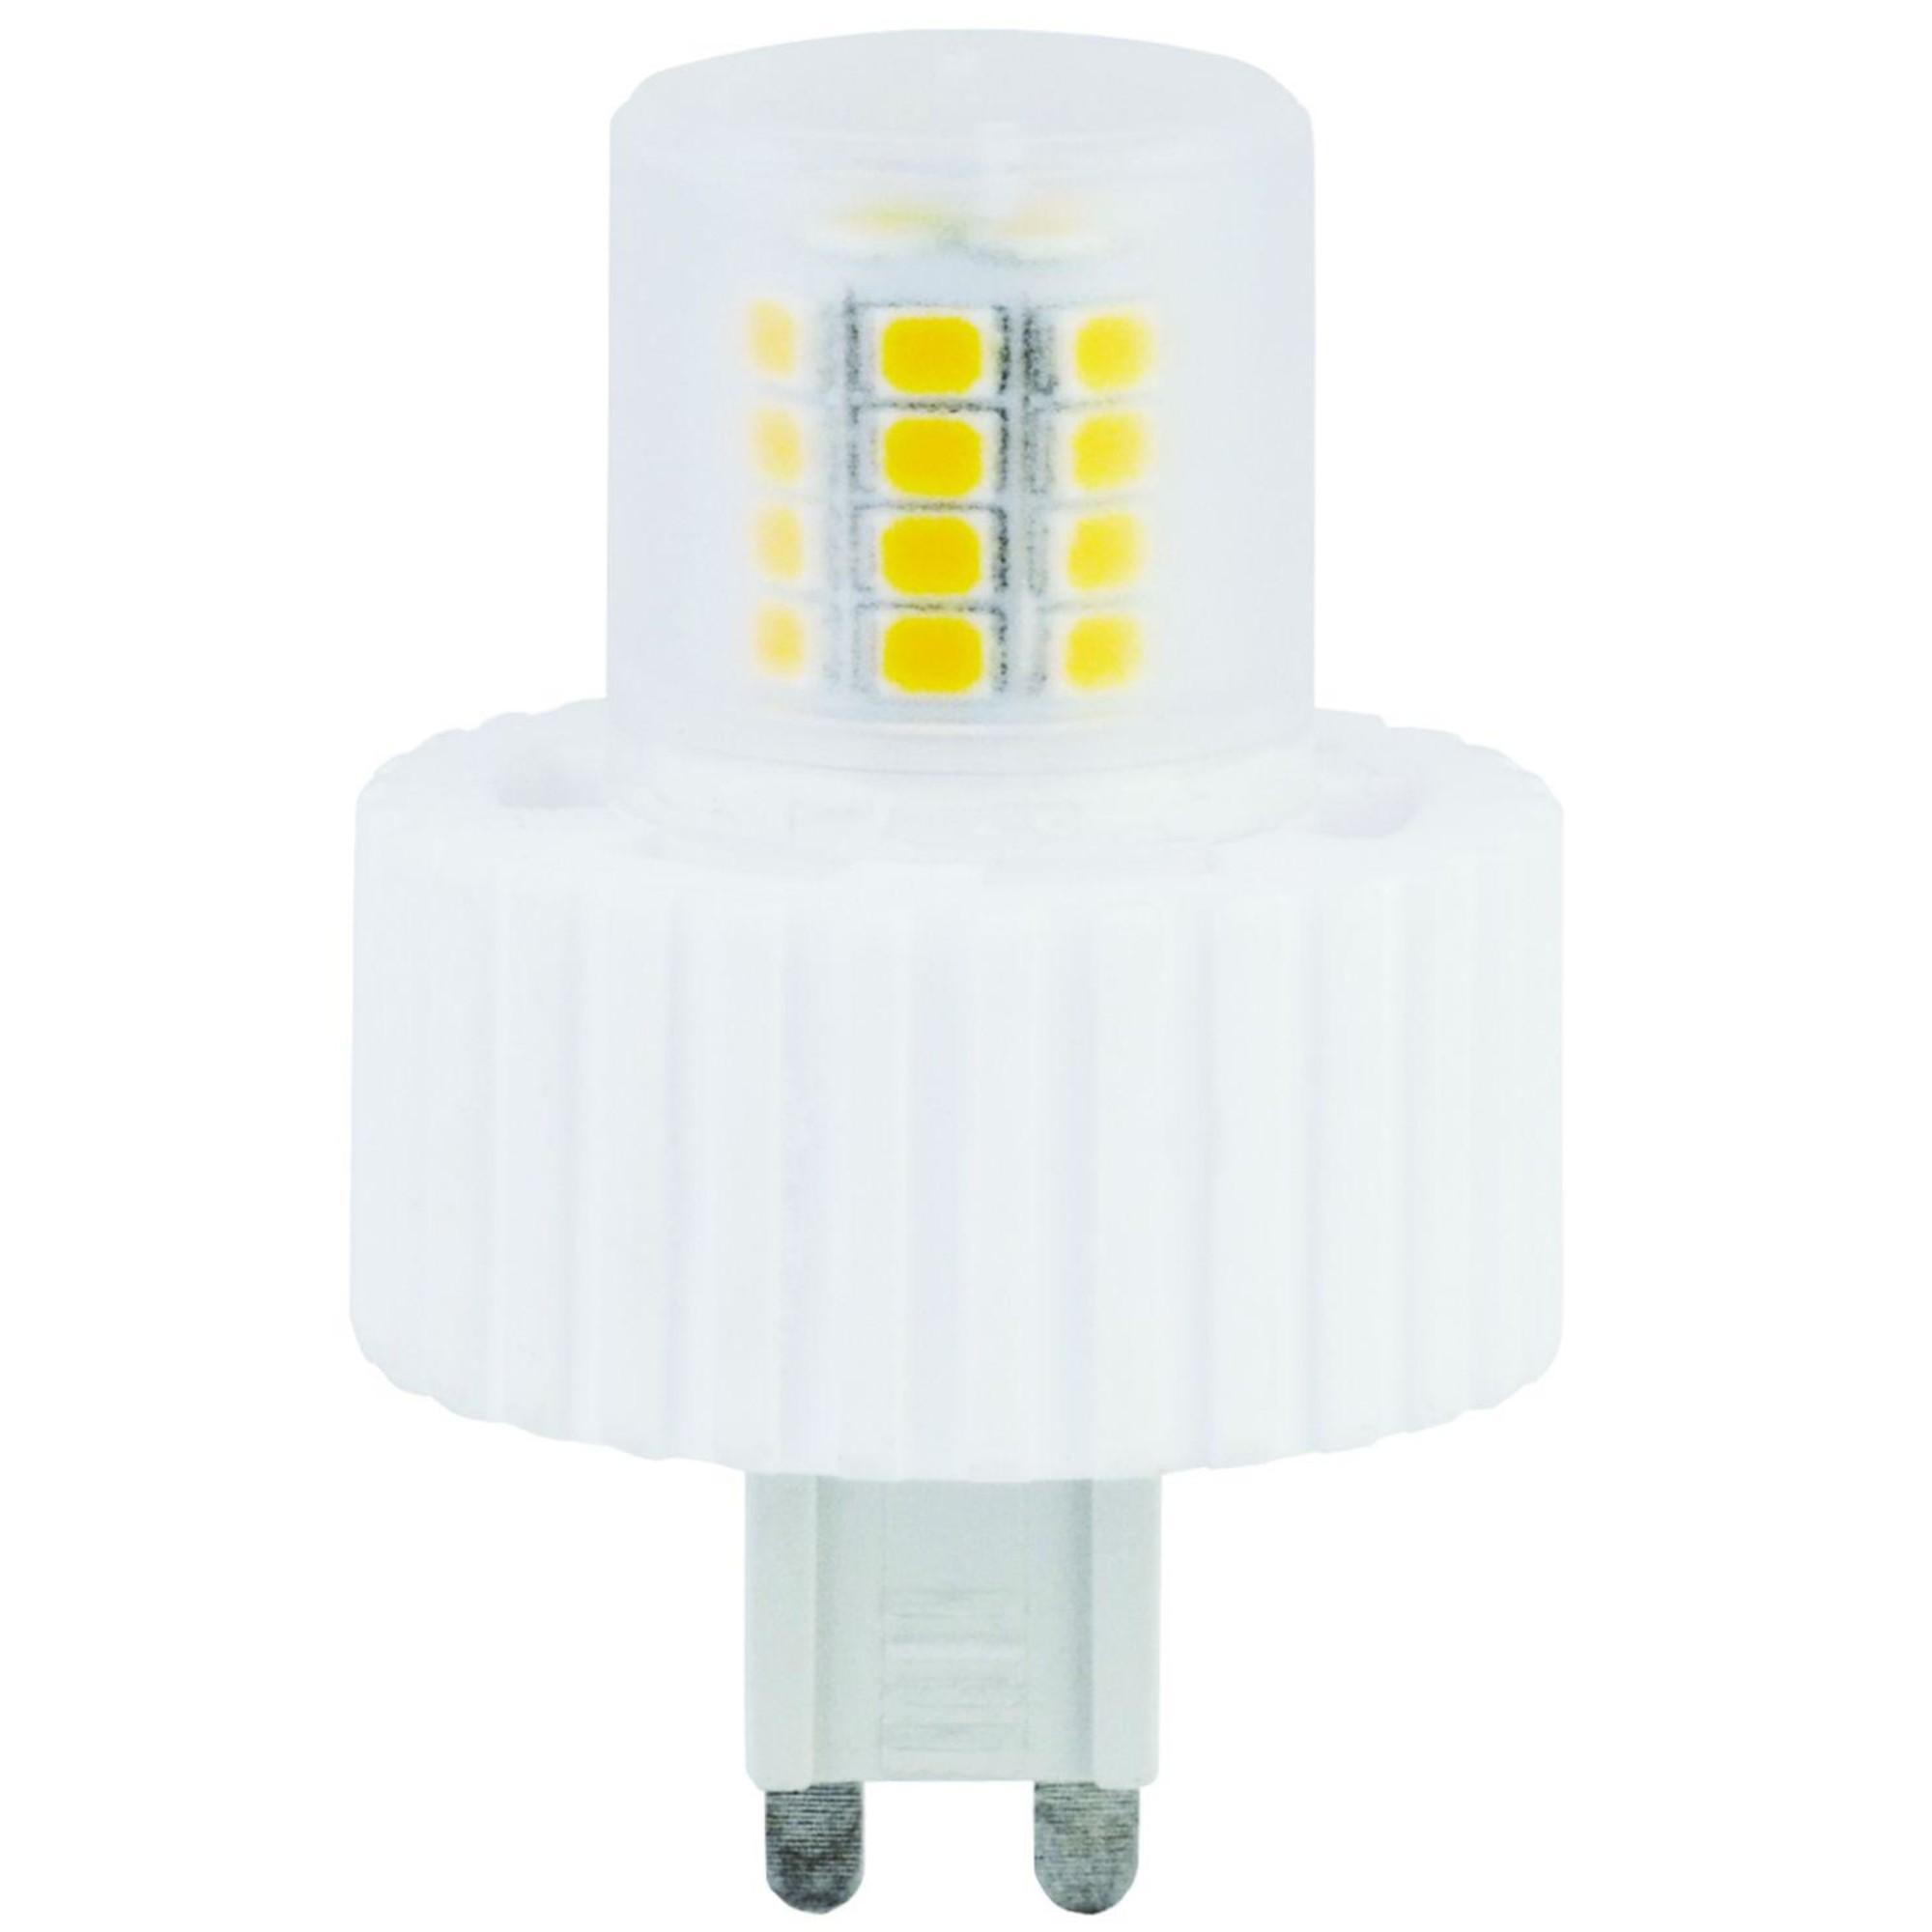 Лампа Ecola стандарт светодионая G9 7.50 Вт капсула 600 Лм теплый свет